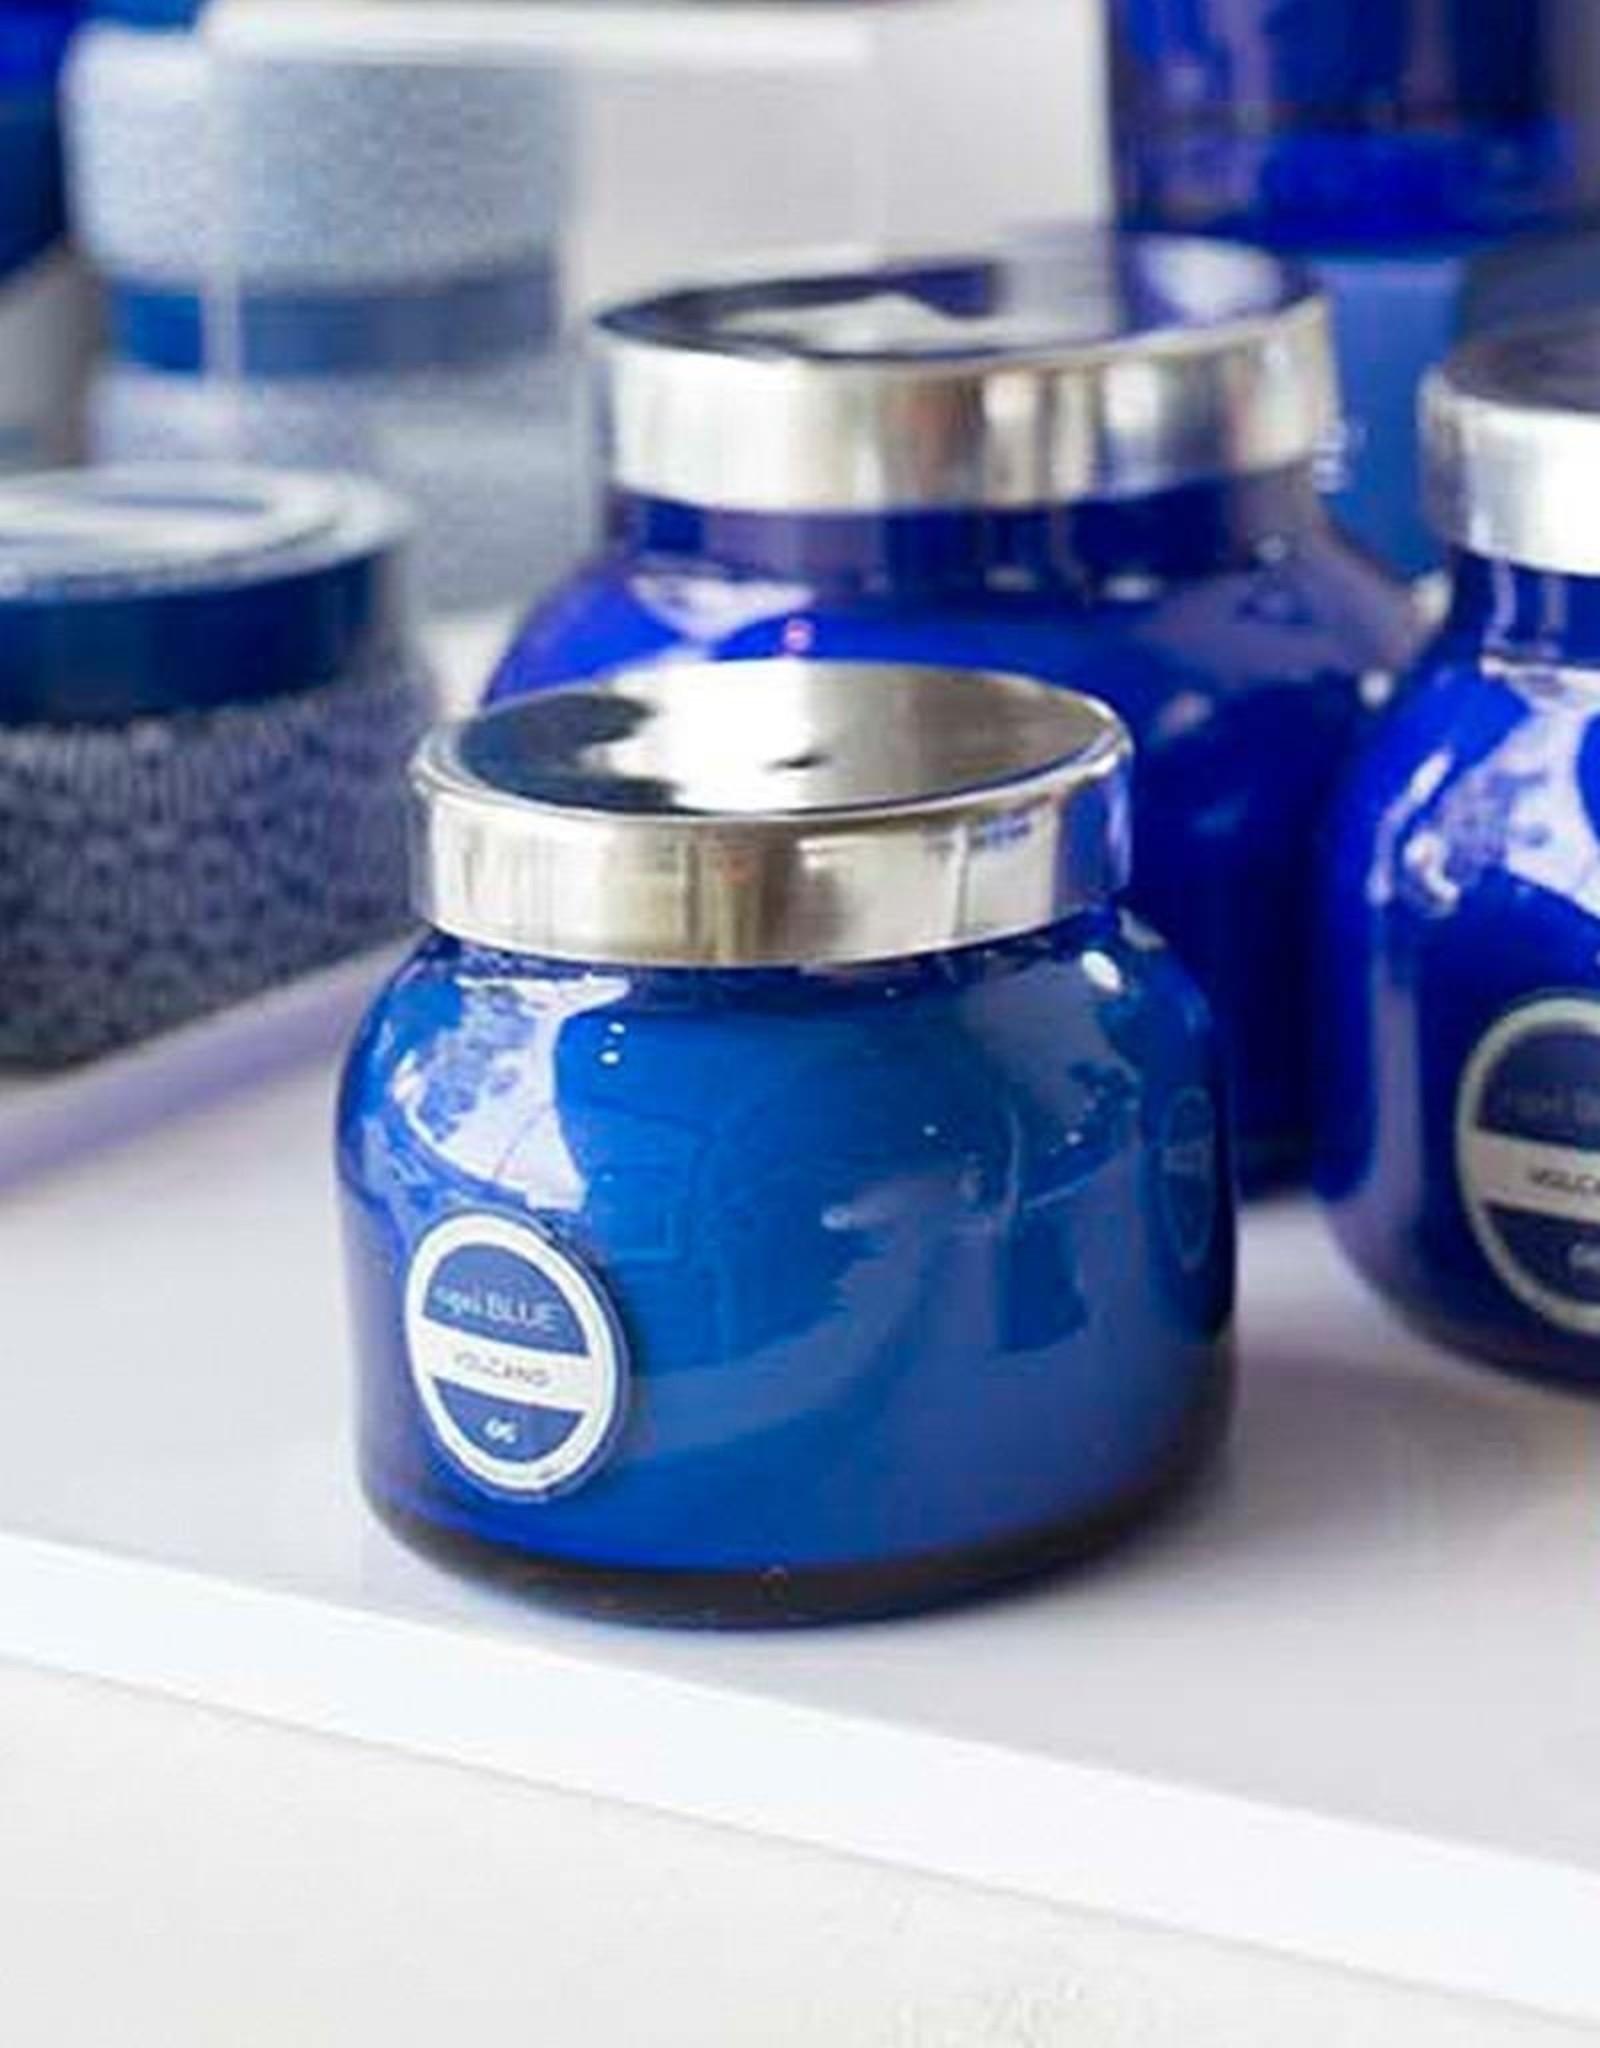 capri BLUE Volcano Candle Blue Petite Jar 8 Oz